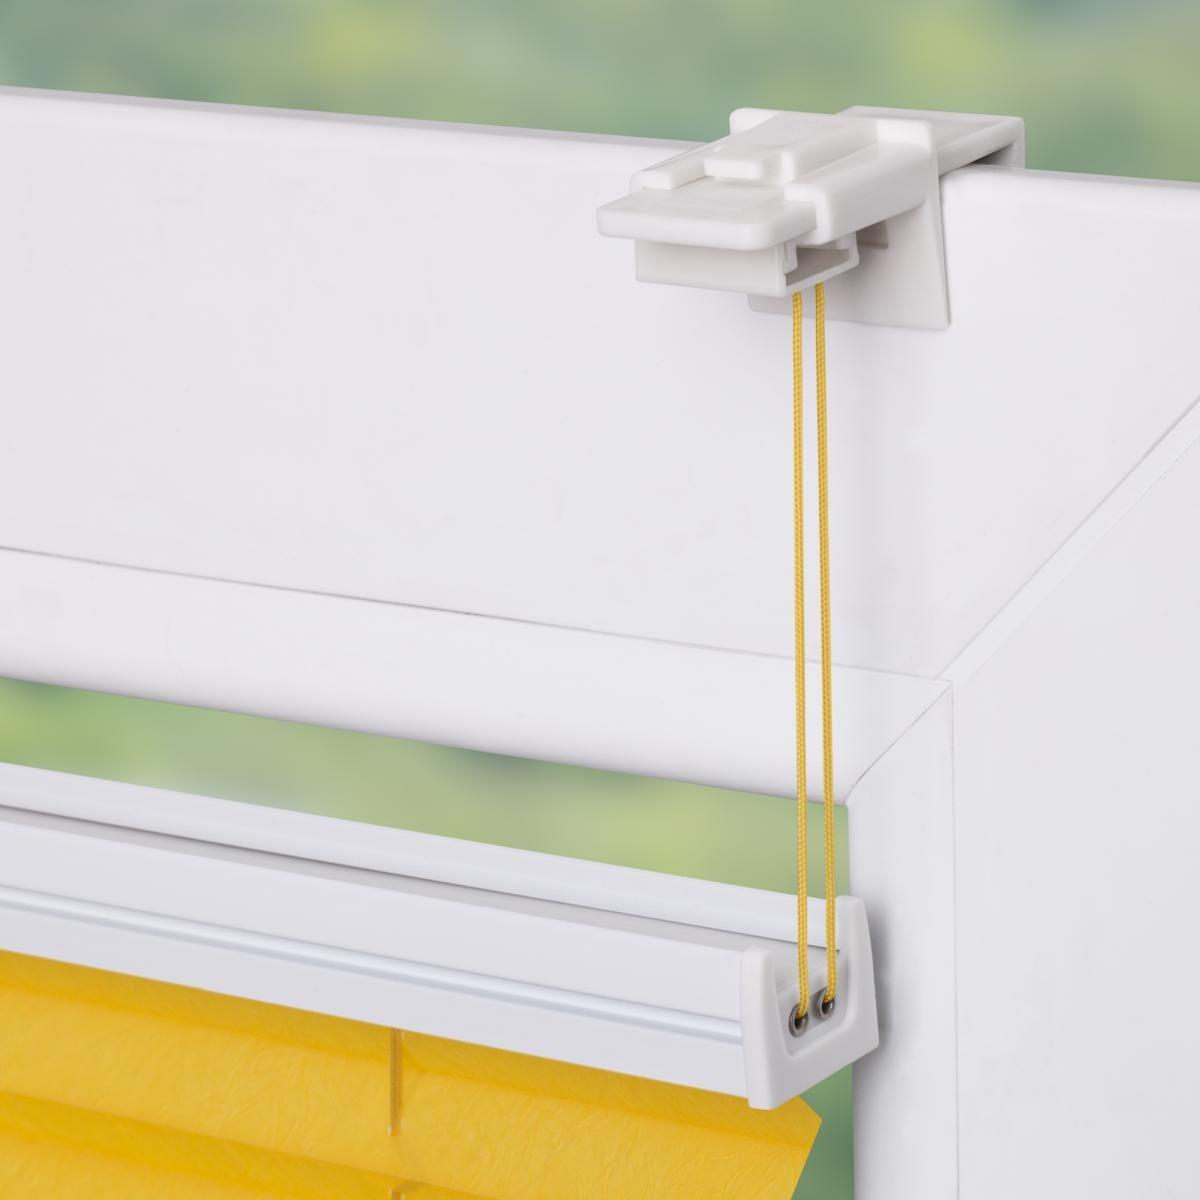 Bild 4 von Lichtblick Plissee Klemmfix TOP, ohne Bohren, verspannt Gelb, 100 cm x 130 cm (B x L)